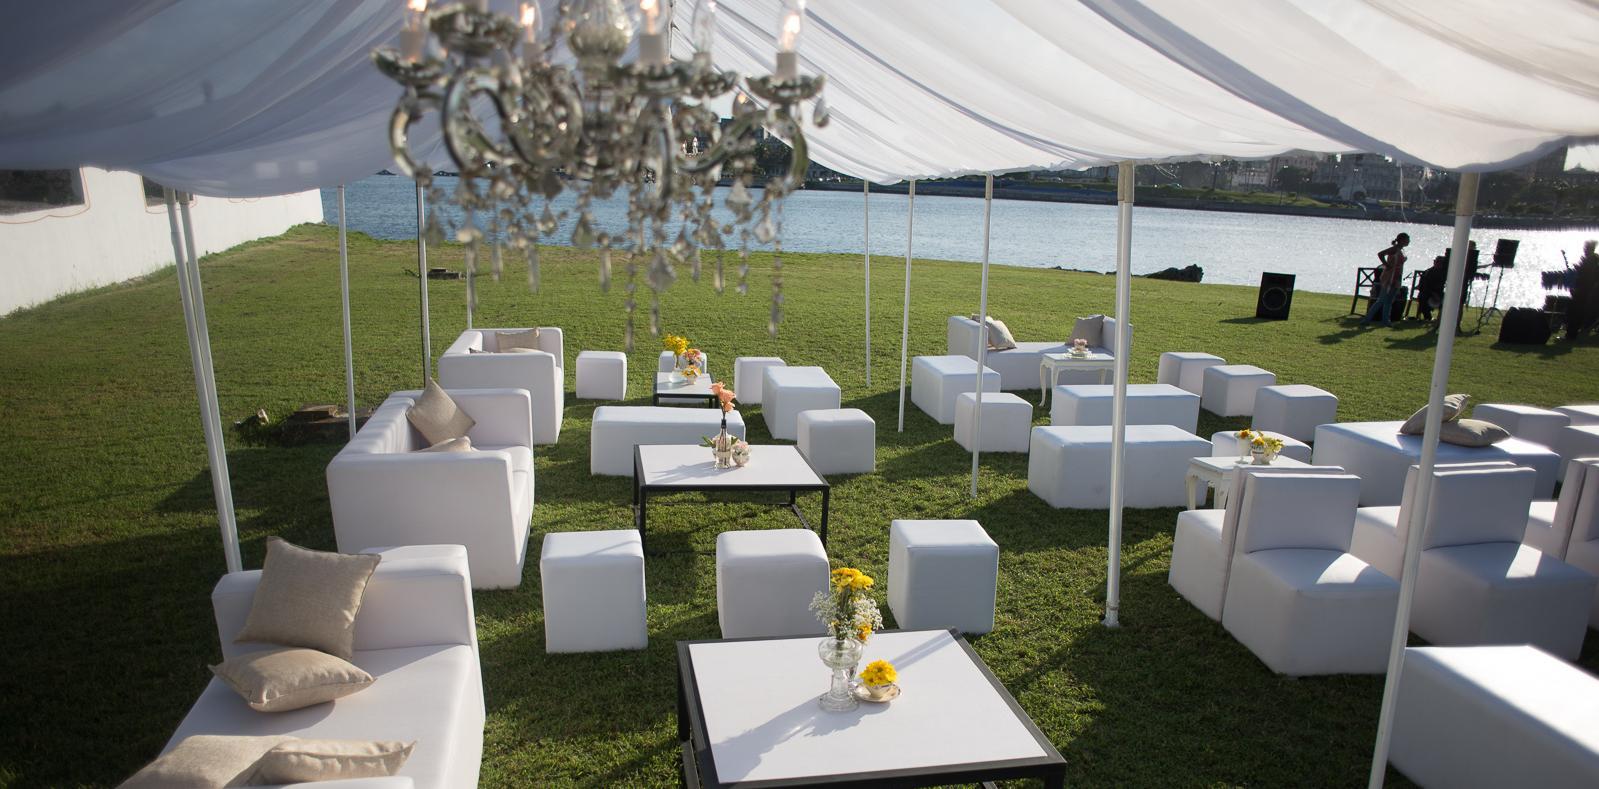 bodas-estilo-libre-sin-tema-cuba-8382.jpg